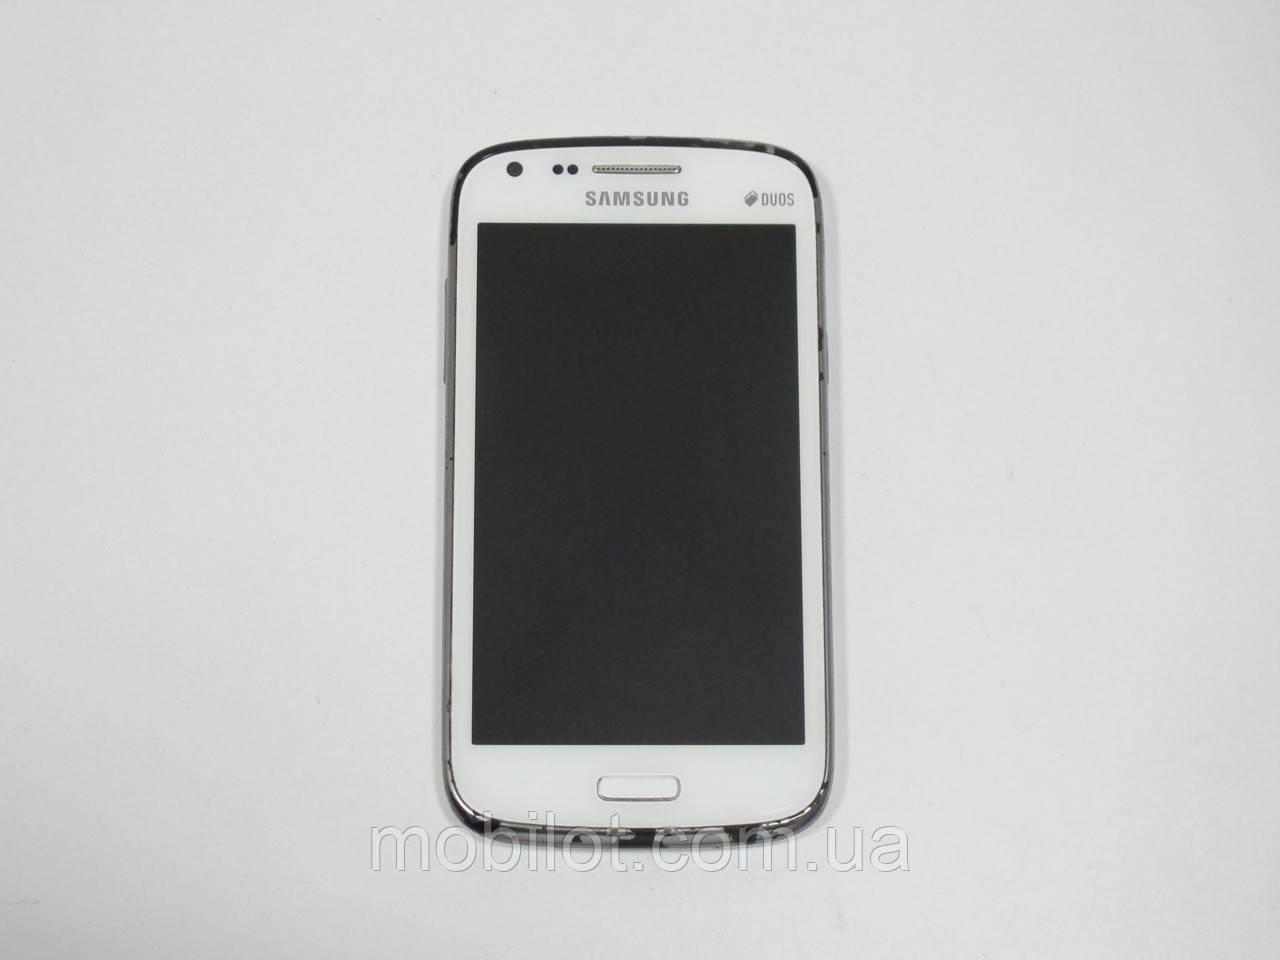 Мобильный телефон Samsung Galaxy Core Duos I8262 (TZ-4983)